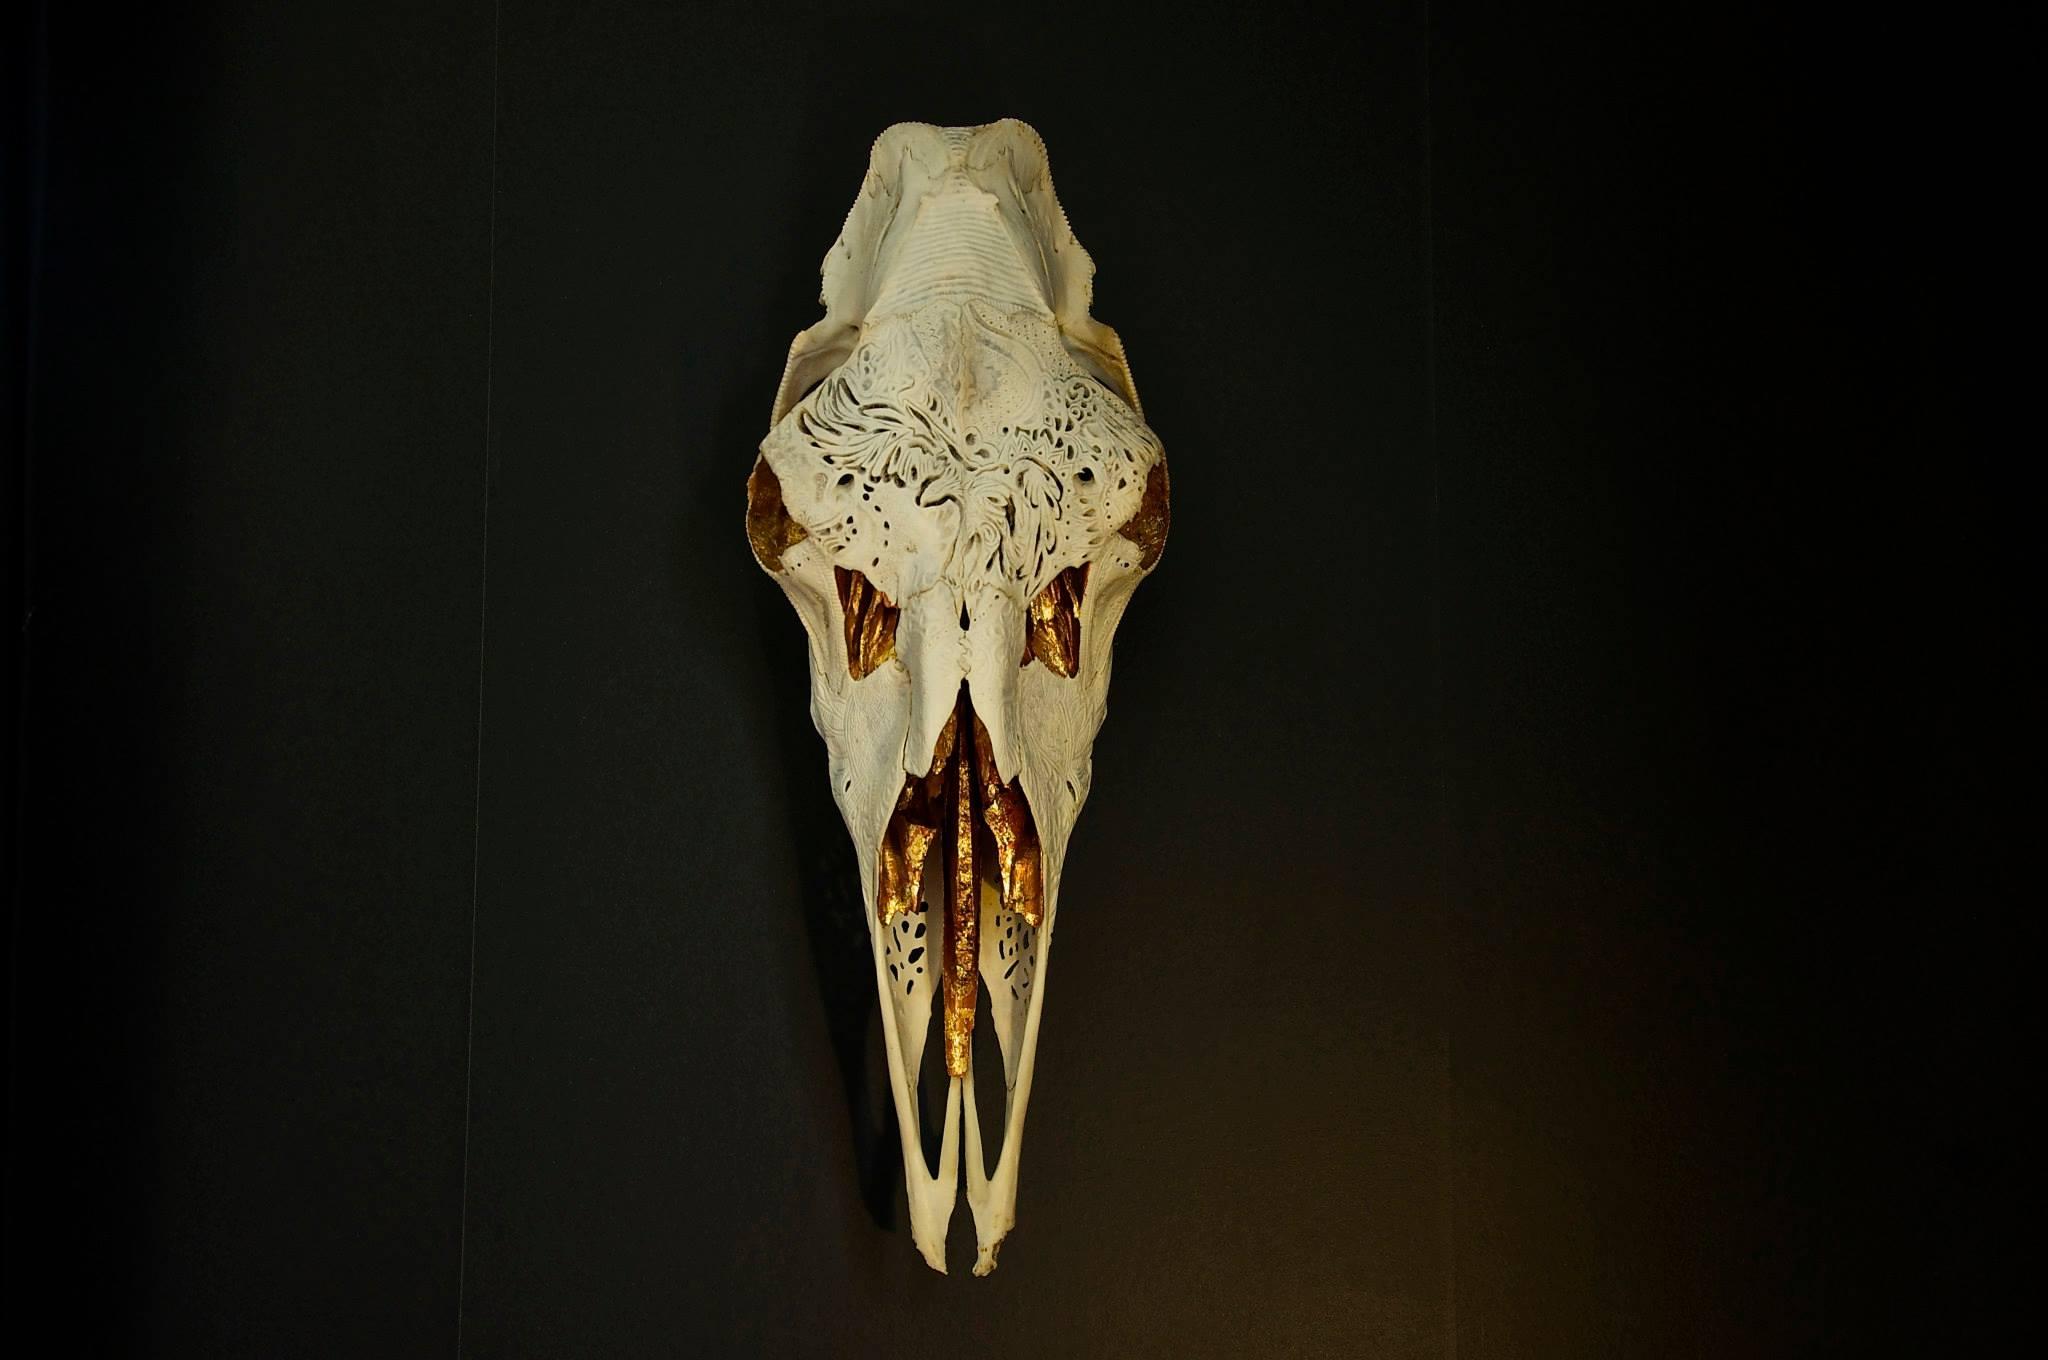 petra-shara-stoor-skull-art-duilith-1.jpg